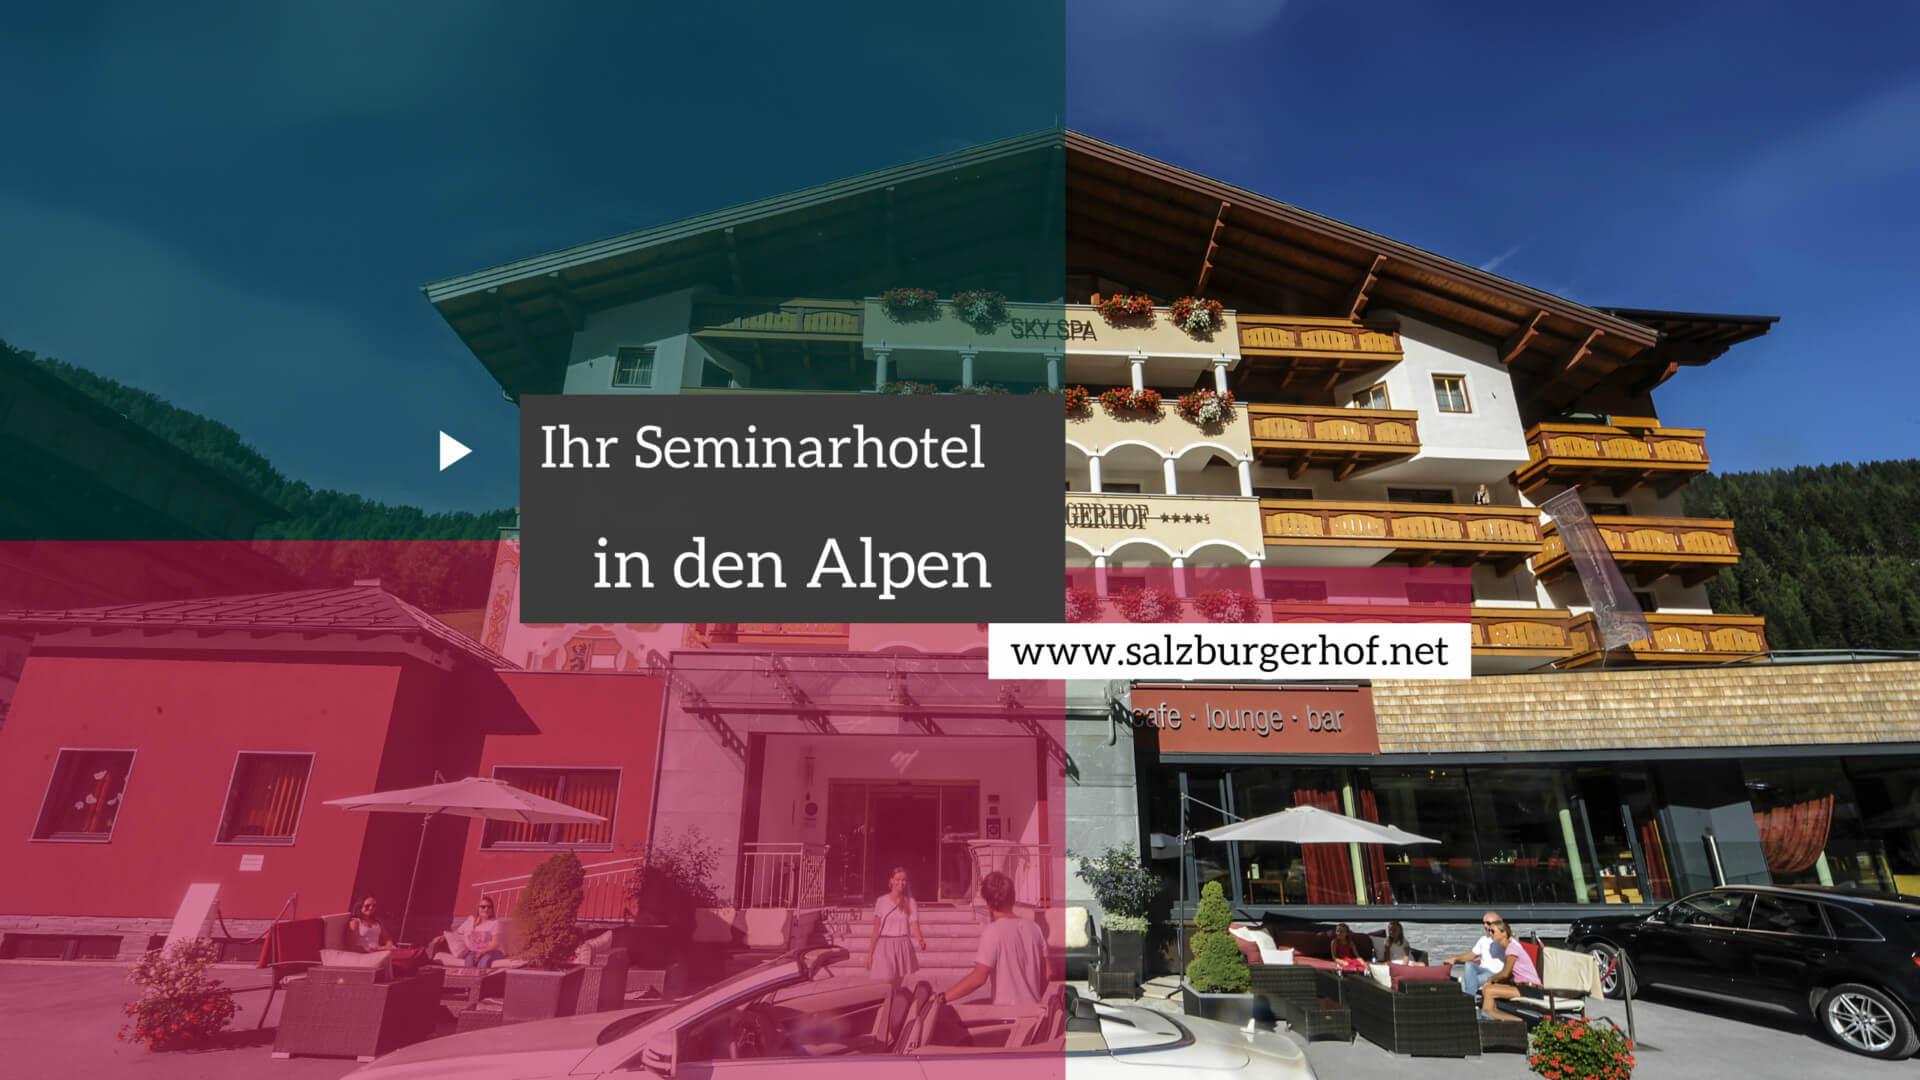 Klettergurt Mieten : Das hotel salzburger hof exklusiv mieten für veranstaltungen